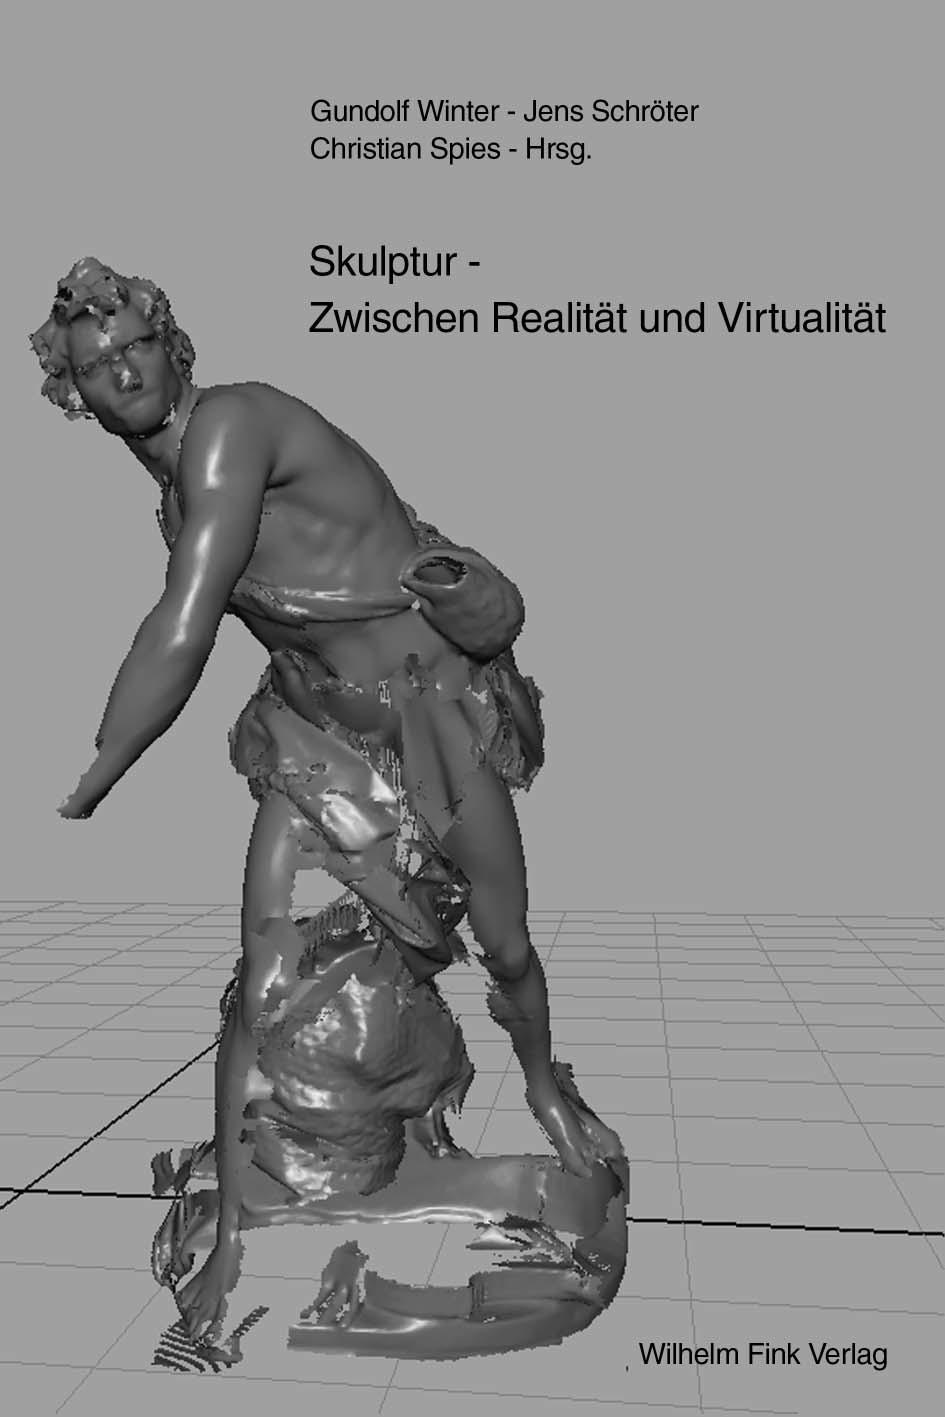 Abb. 7: Alternativer Coverentwurf: Skulptur. Zwischen Realität und Virtualität. © Grafik                         entstammt dem Projekt, 2017.